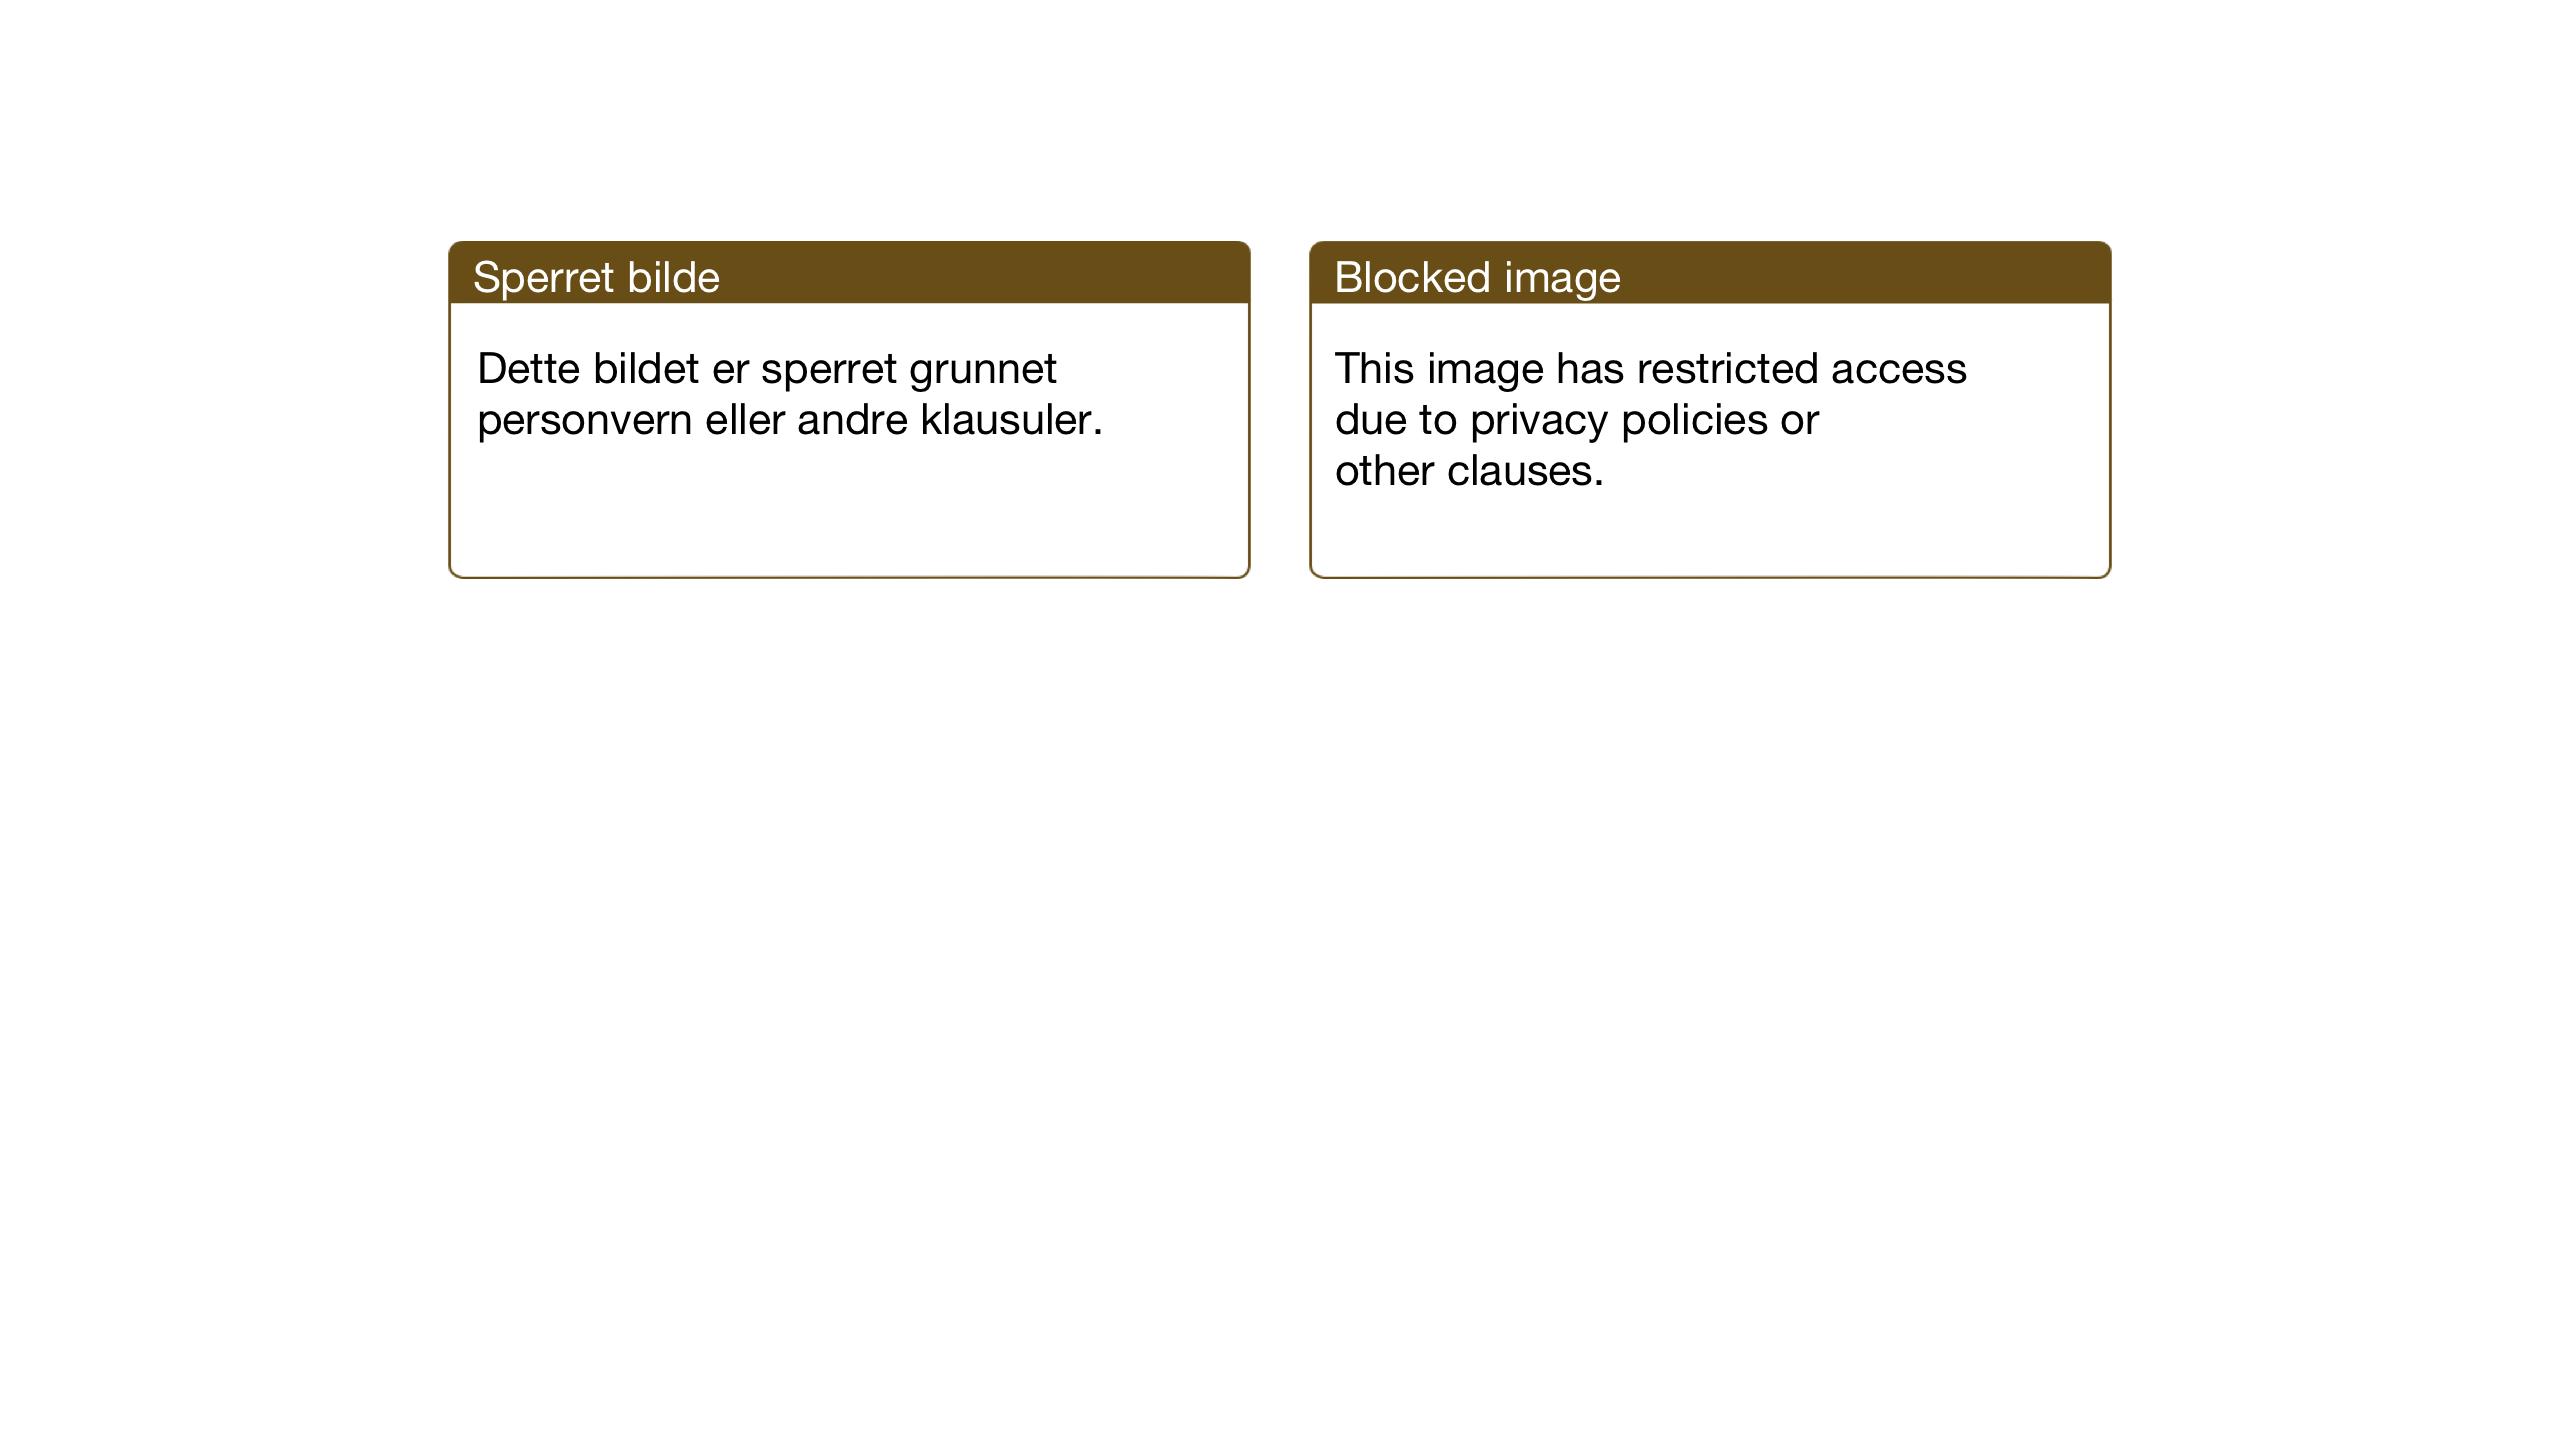 SAT, Ministerialprotokoller, klokkerbøker og fødselsregistre - Nord-Trøndelag, 744/L0425: Klokkerbok nr. 744C04, 1924-1947, s. 39